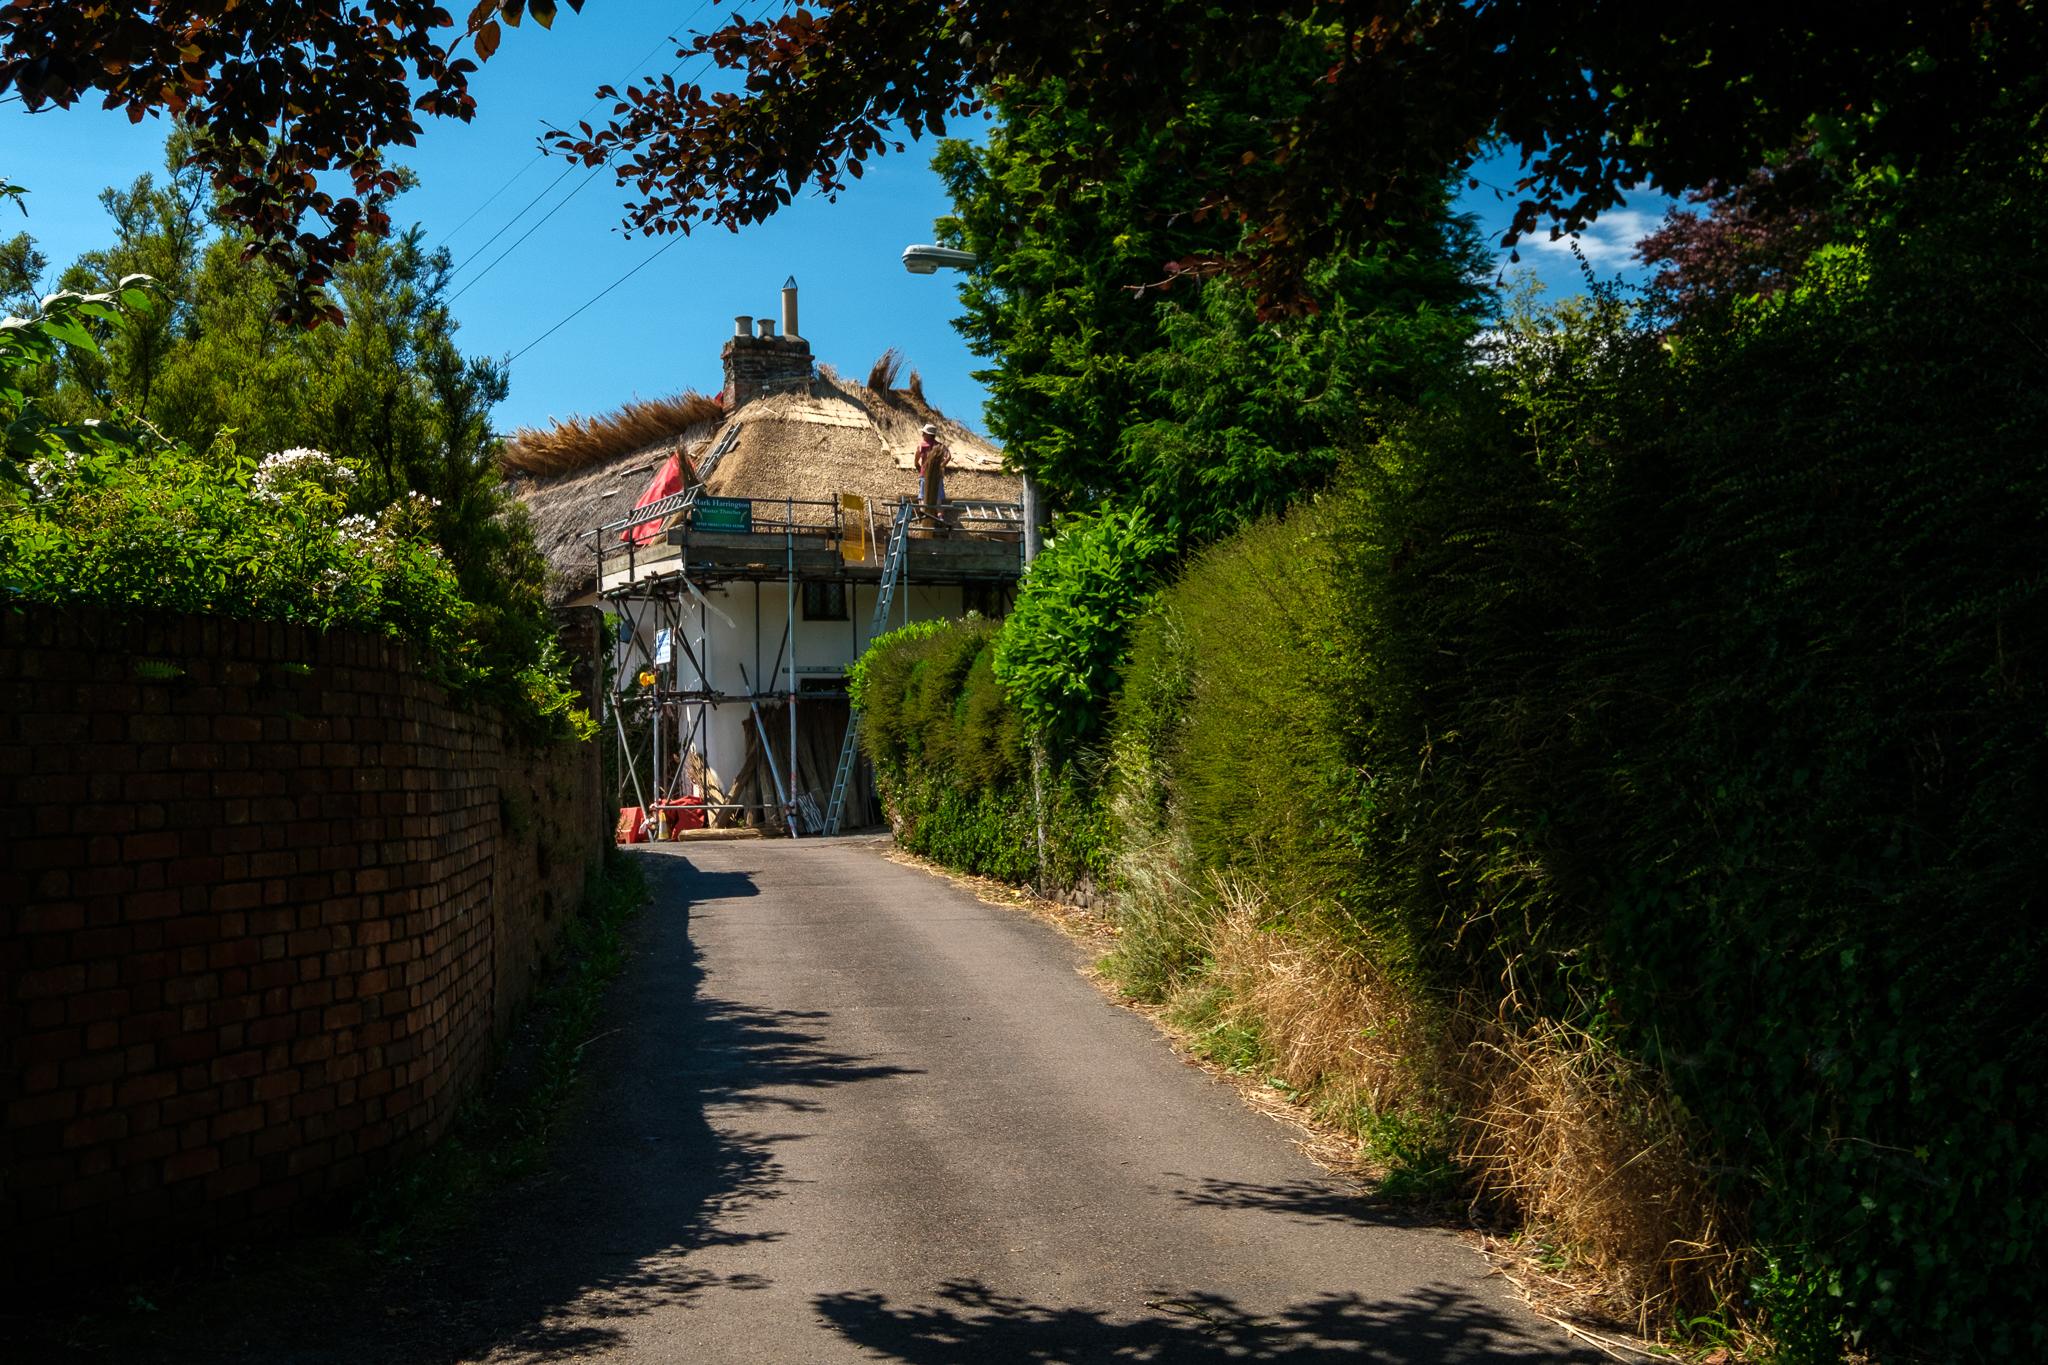 Thatched Cottage, Chulmleigh, Devon